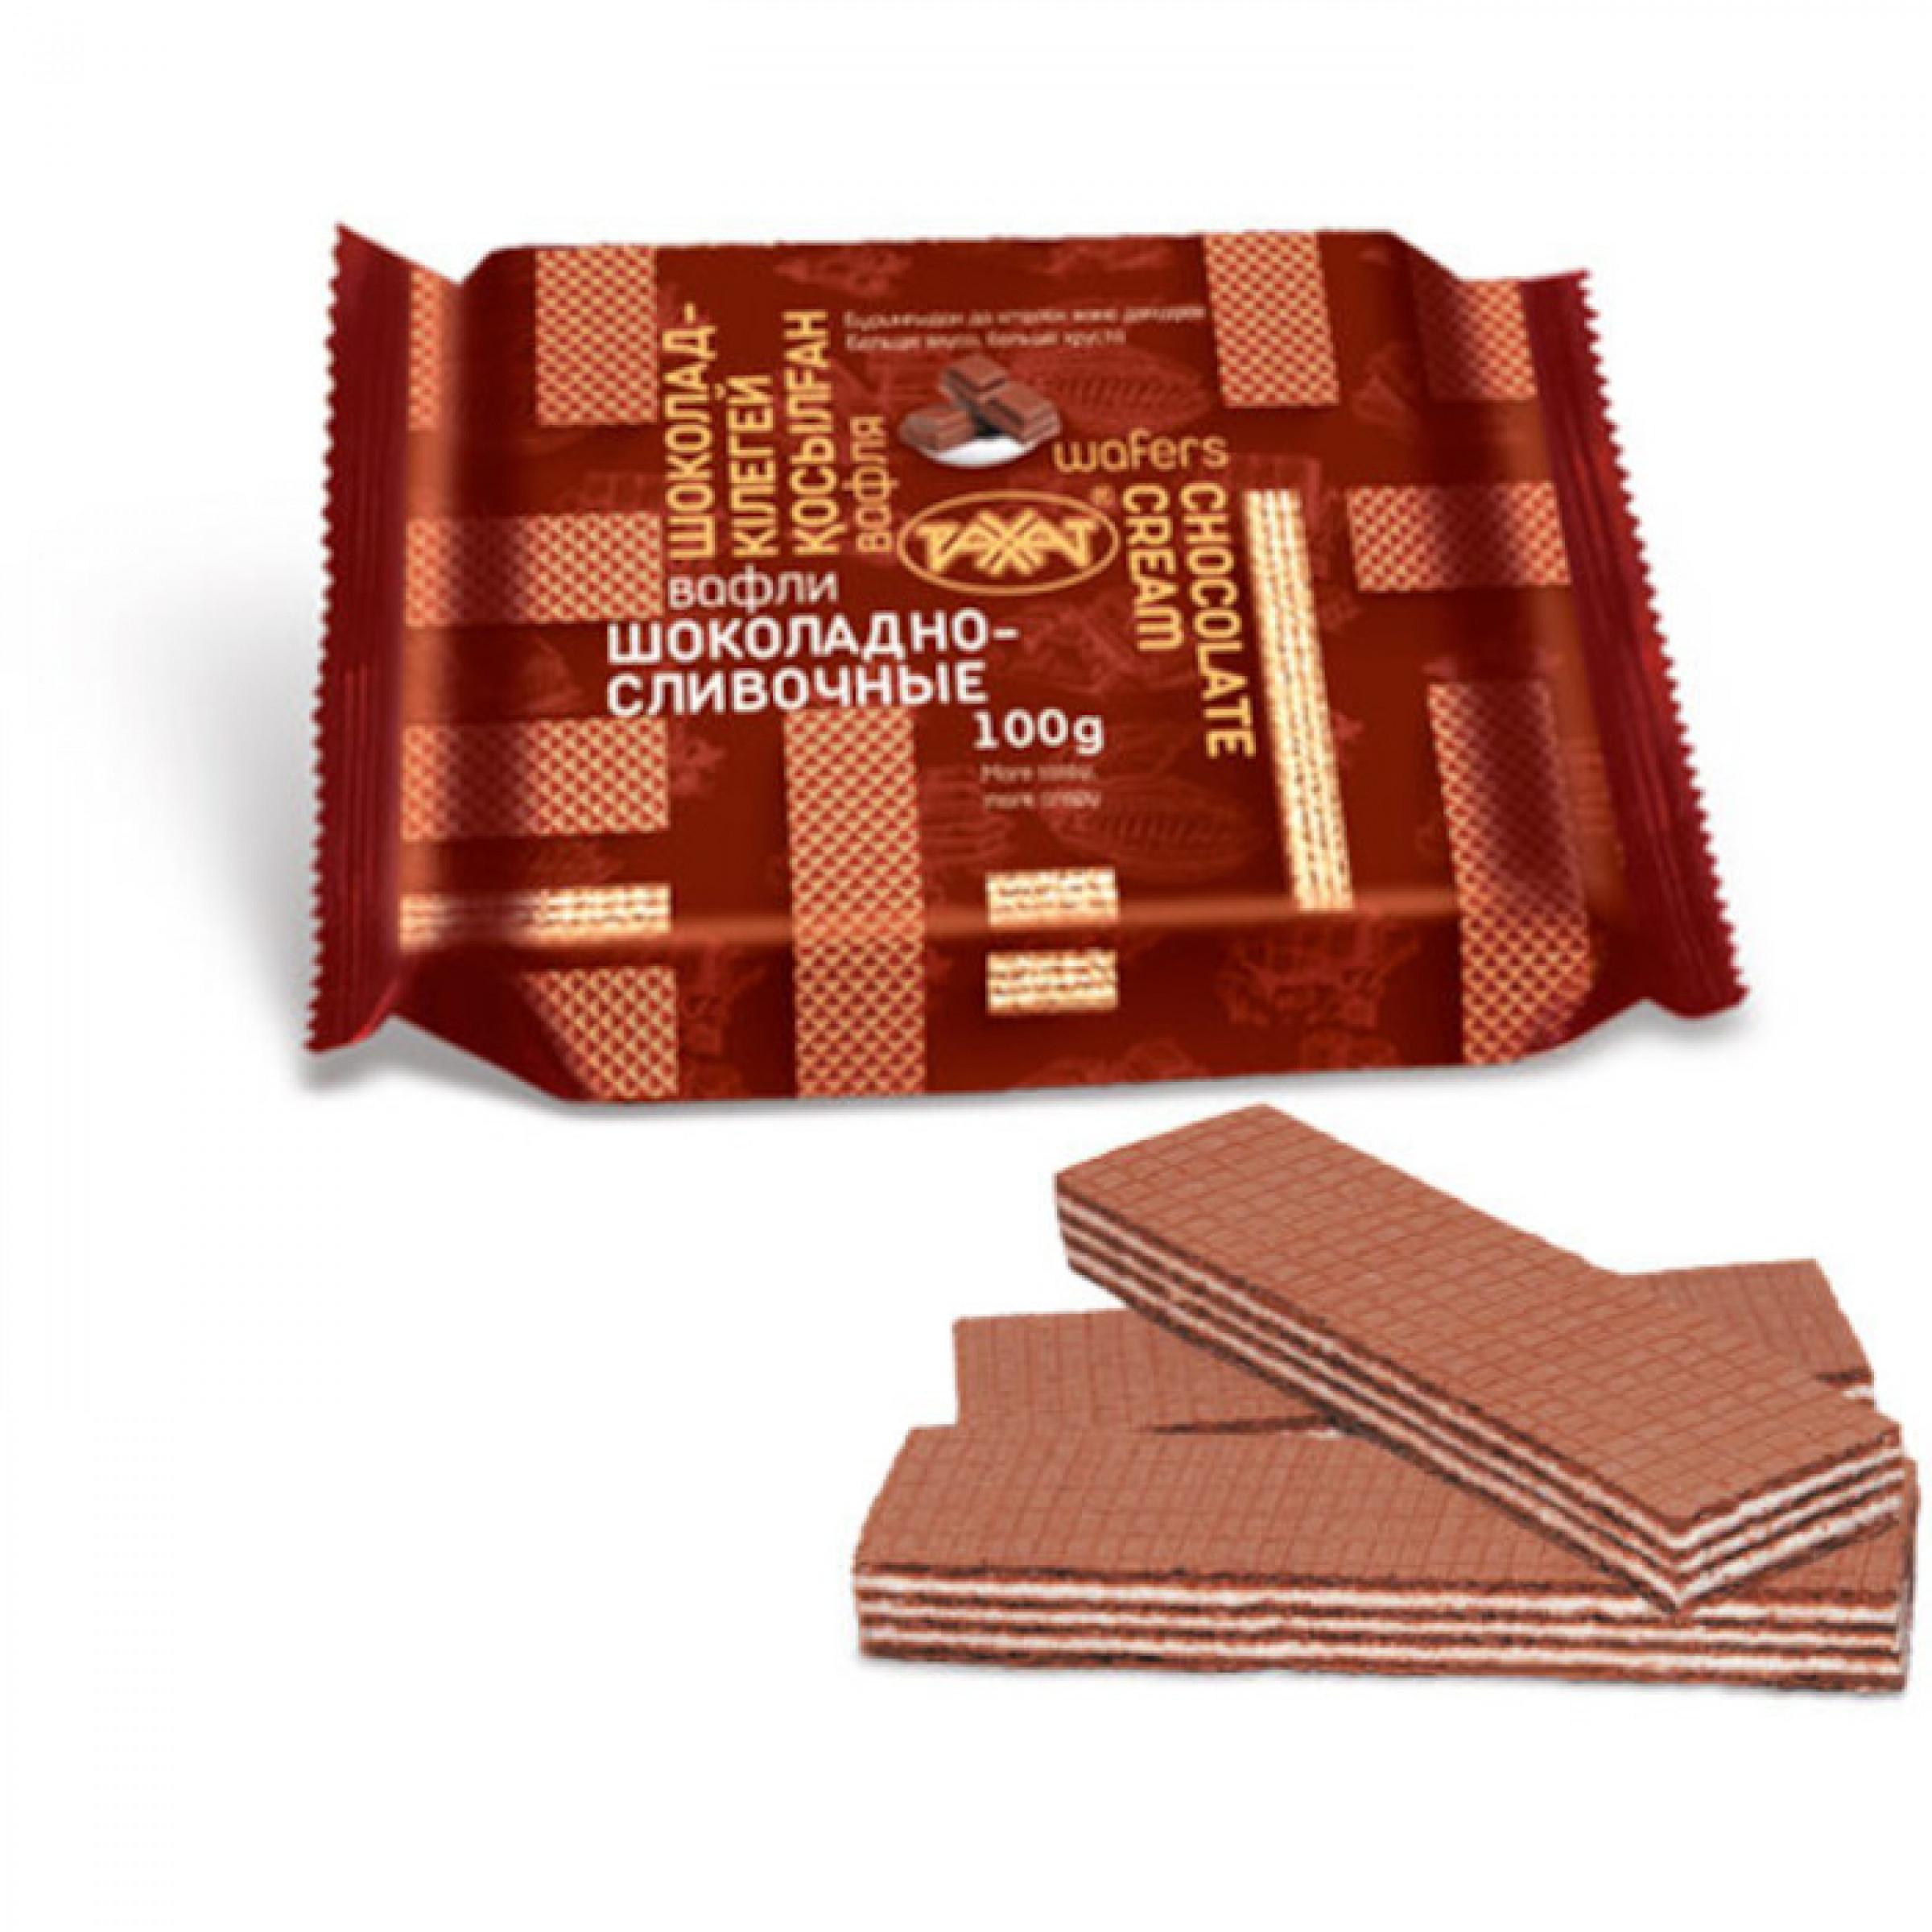 Вафли шоколадно-сливочные Рахат, 100 г